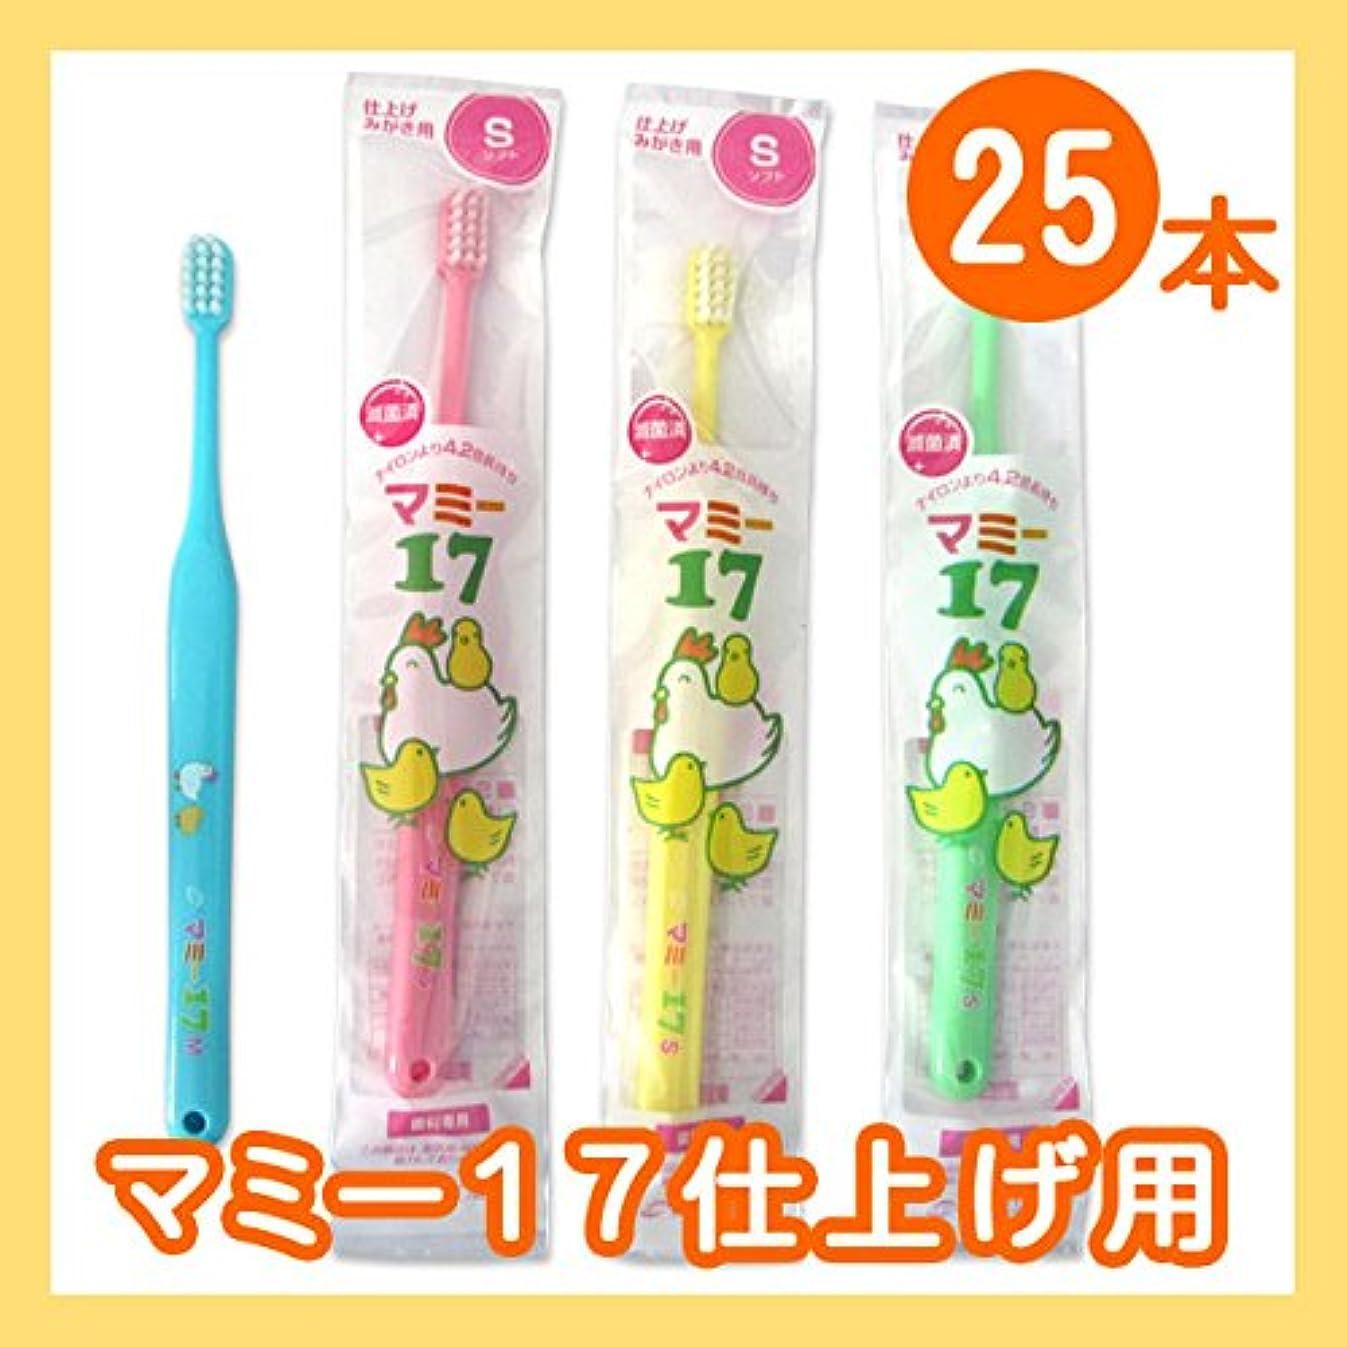 マミー17 25本 オーラルケア 【マミー17】 点検?仕上げ磨き用歯ブラシ 25本セット 子供 ミディアム ピンク